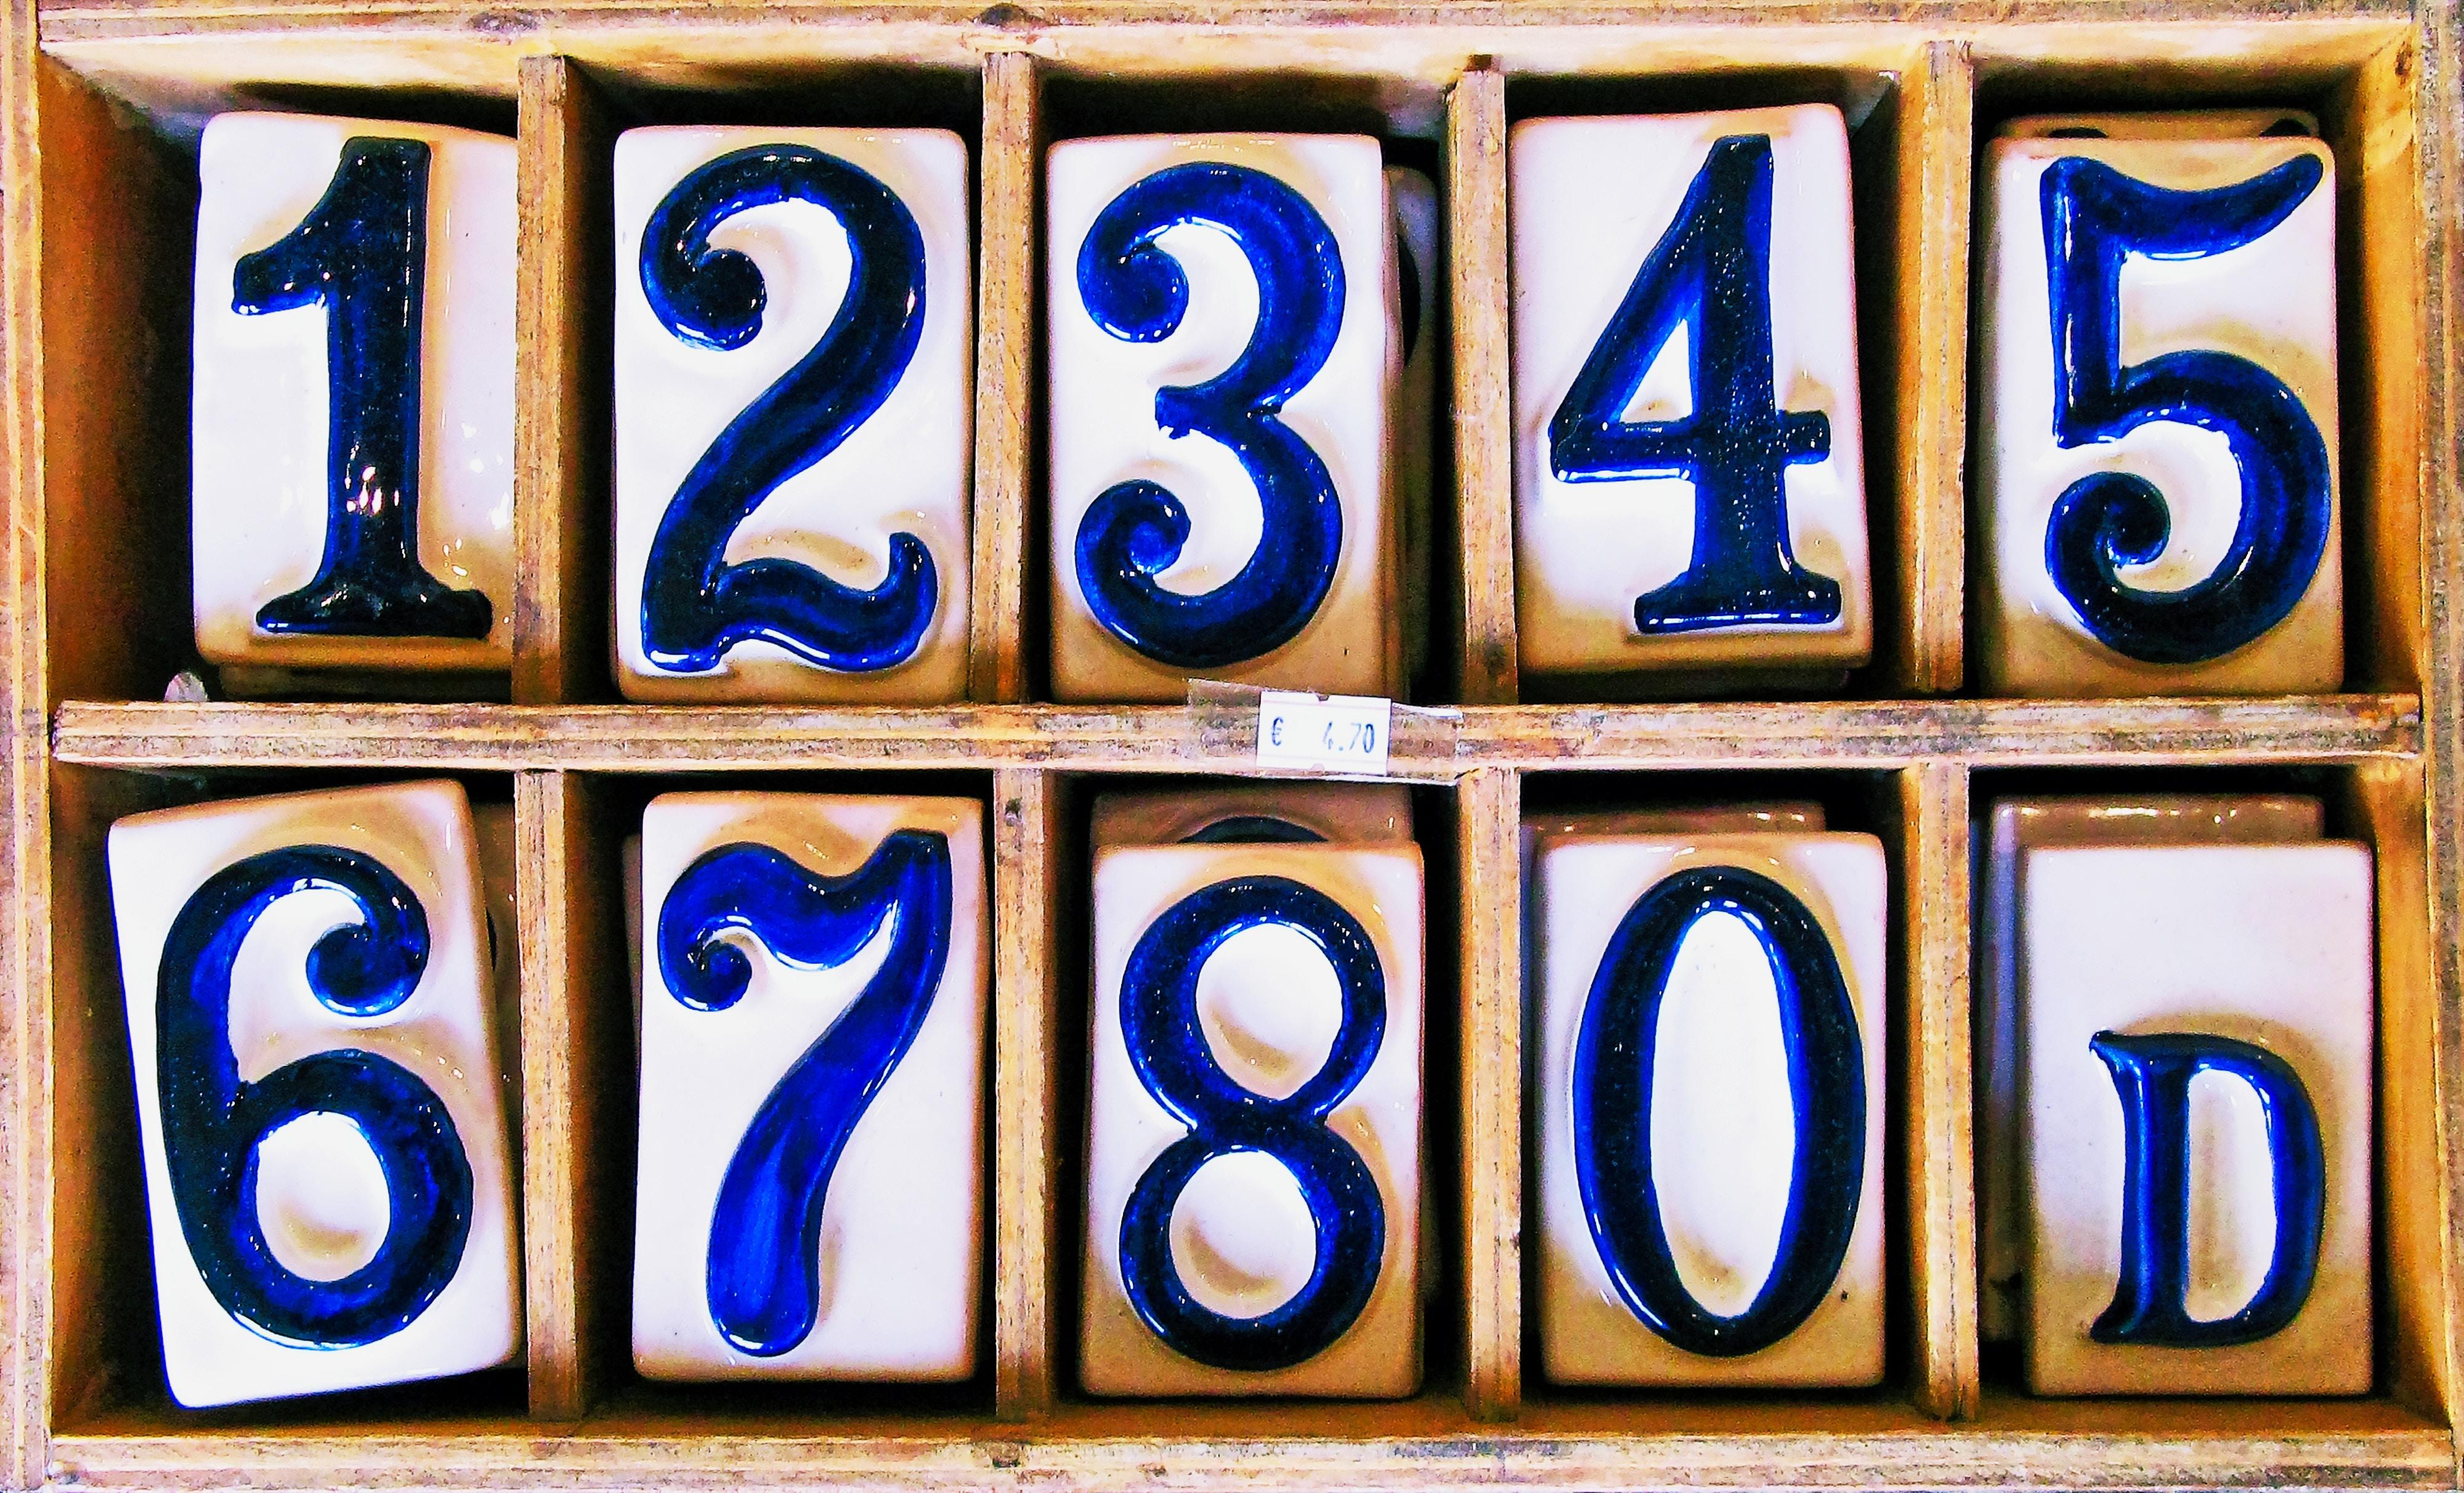 エンジェルナンバー35が教えてくれる意味と大切なメッセージを解説